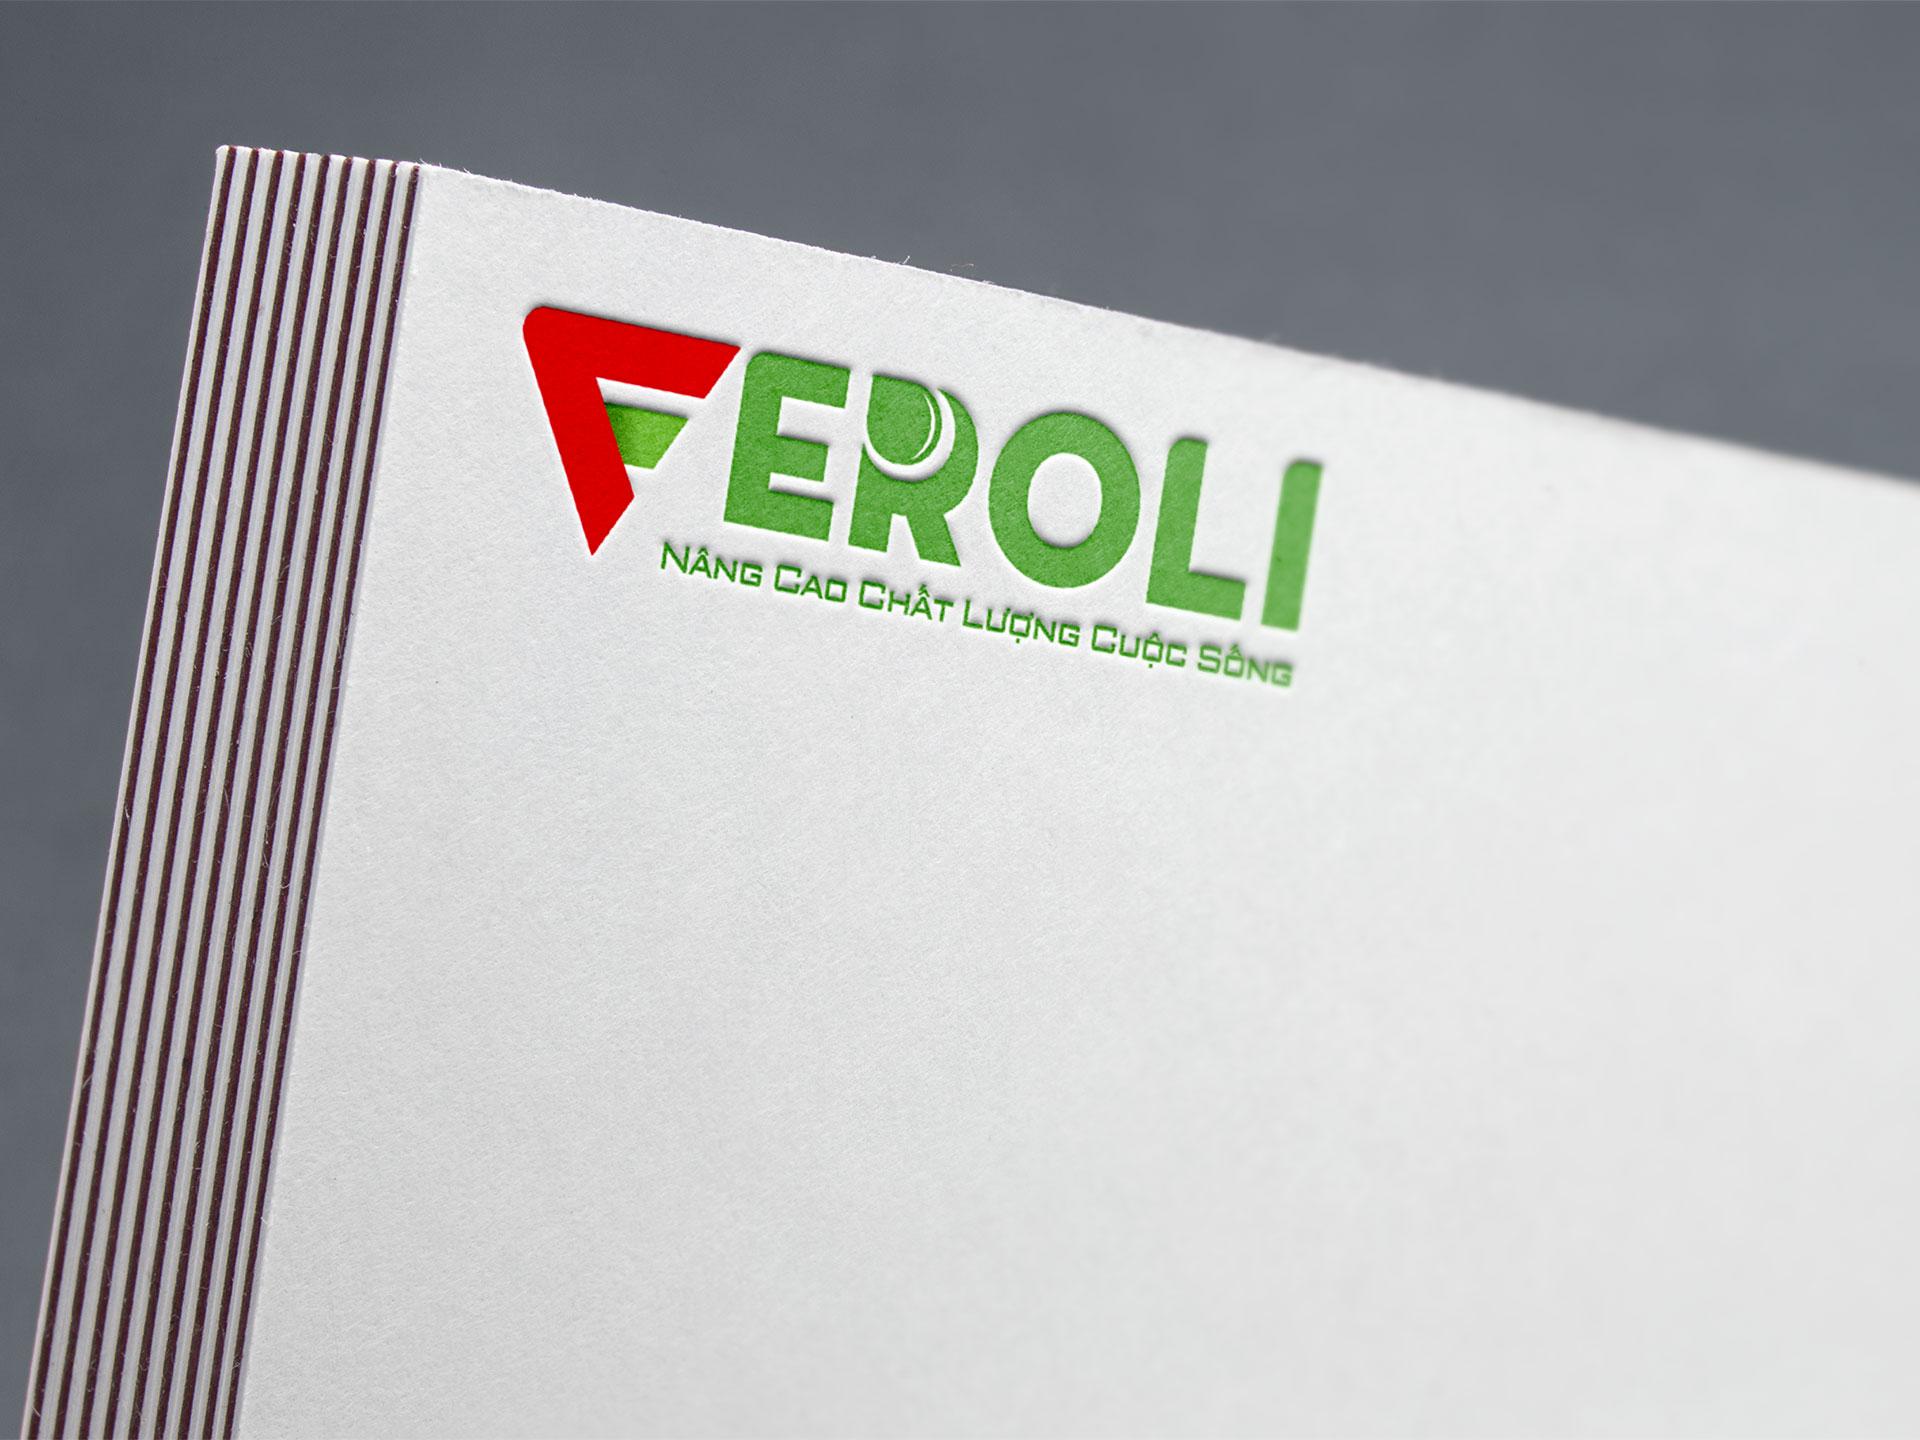 Thiết kế logo máy lọc nước Feroli tại Hà Nội